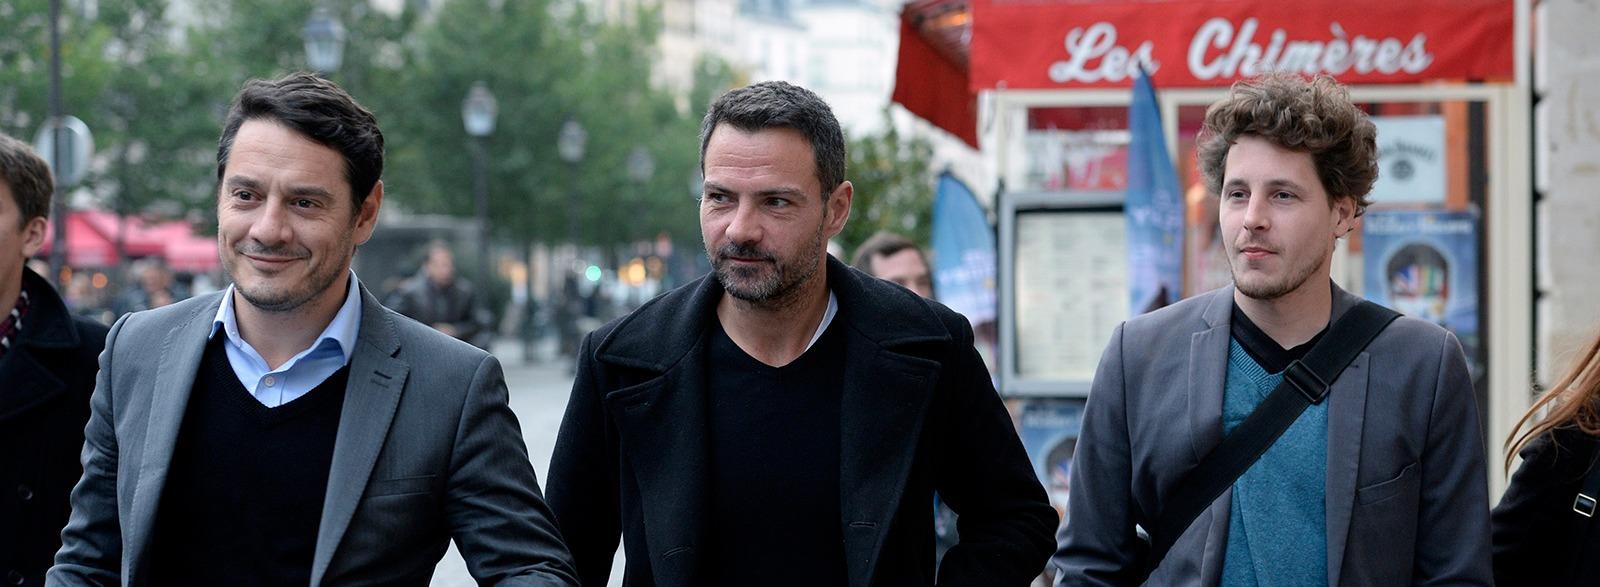 http://static.politis.fr/medias/articles/2016/09/affaire-kerviel-julien-bayou-veut-recuperer-les-deux-milliards-offerts-a-la-societe-generale-35421/thumbnail_hero-35421.jpg